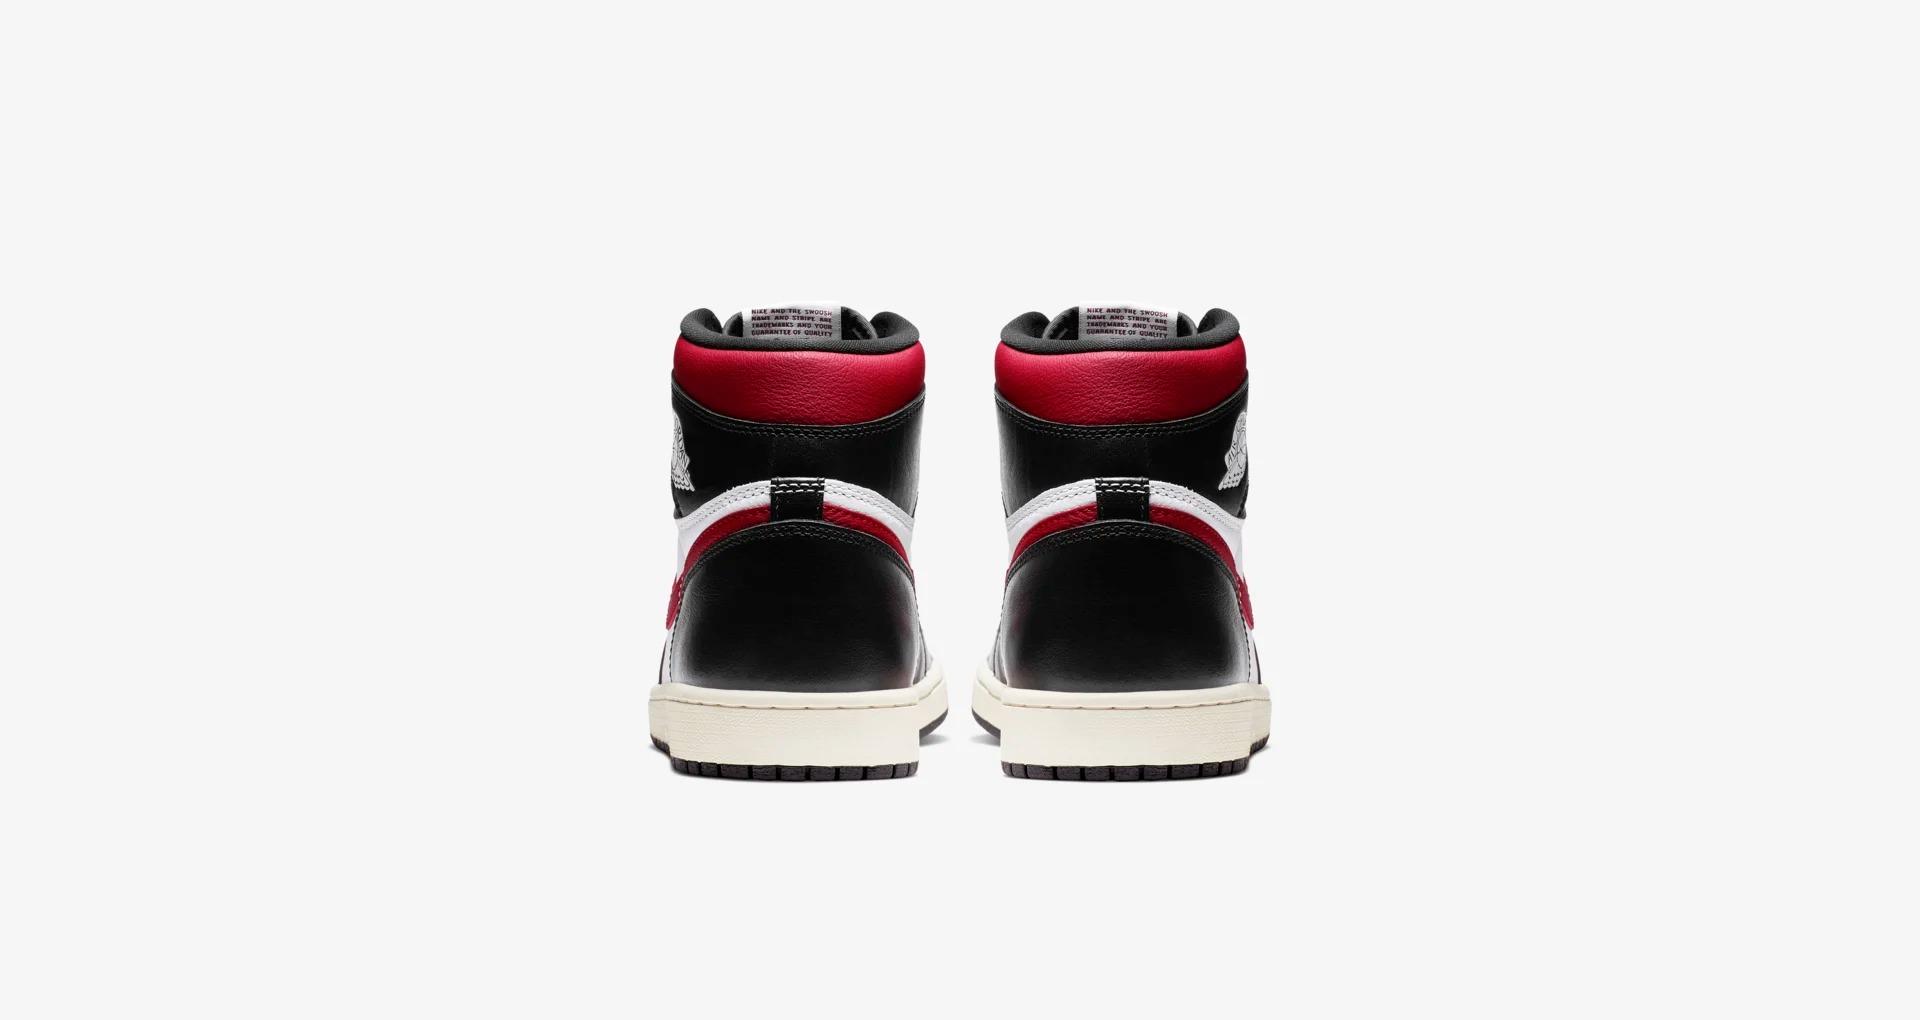 555088 061 Air Jordan 1 High OG Gym Red 4